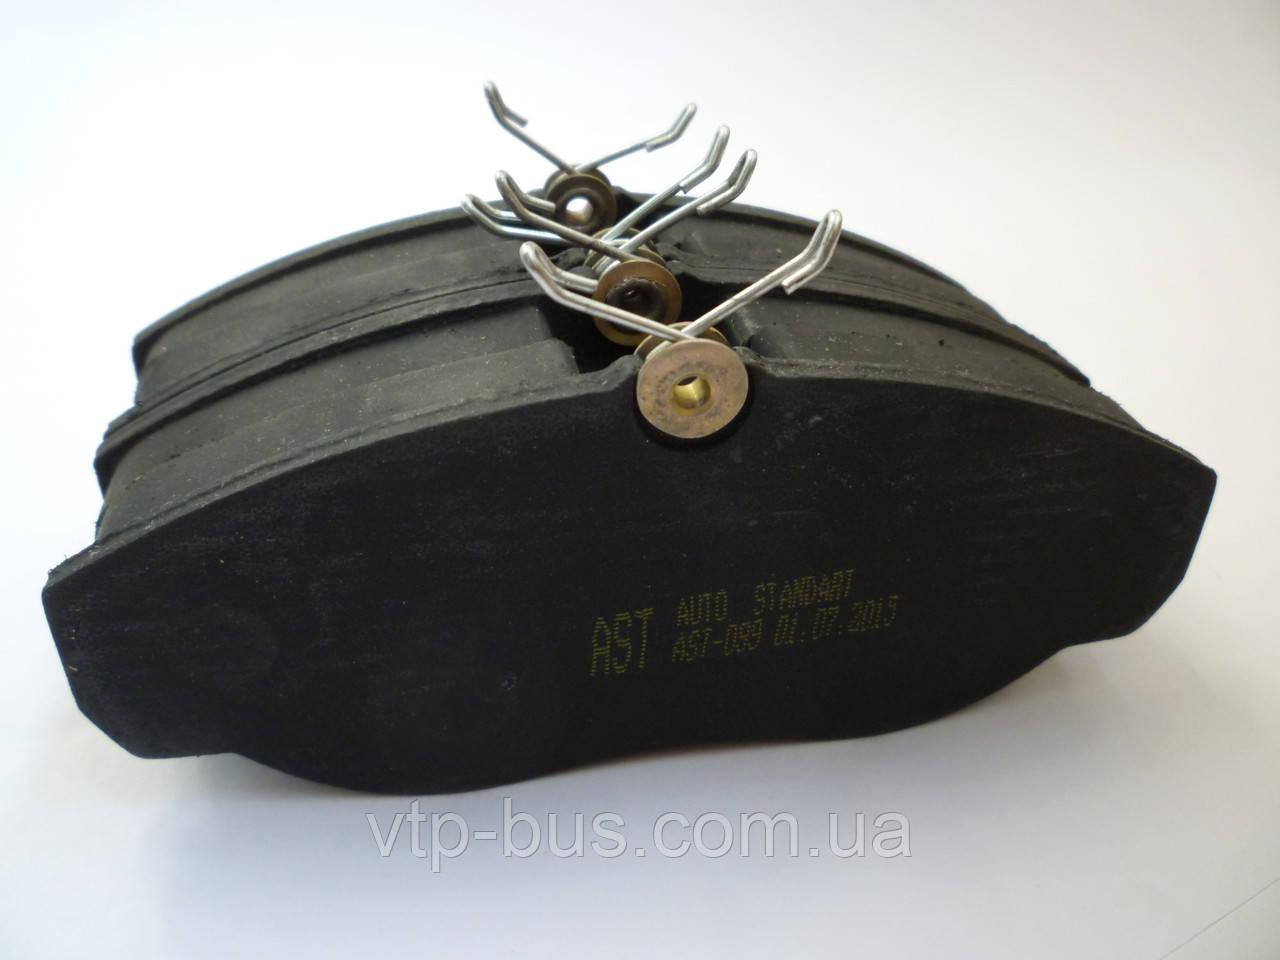 Тормозные колодки передние на Renault Trafic / Opel Vivaro с 2001... AVTOSTANDART (Украина) AST099